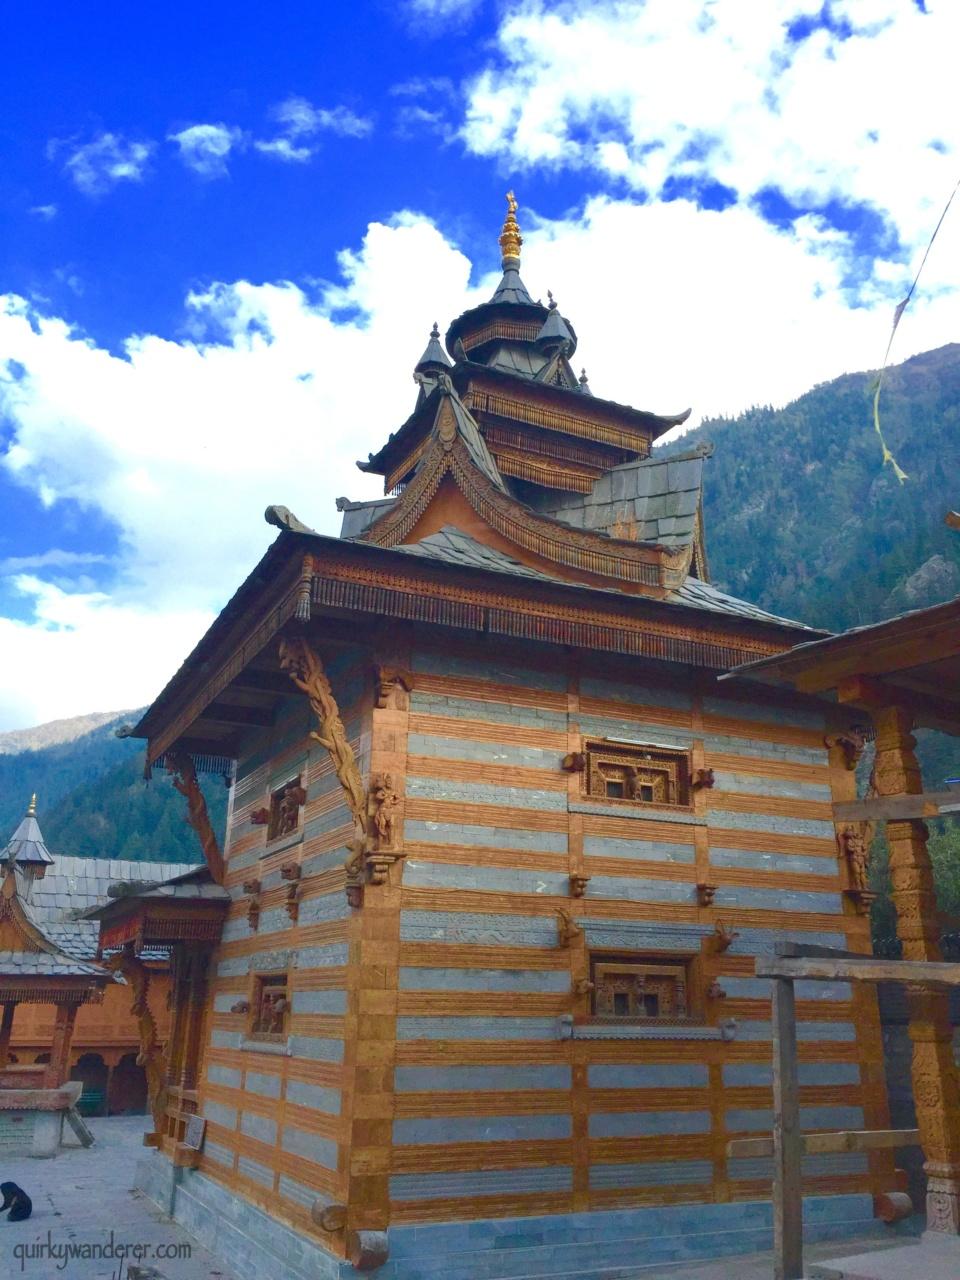 badrinarayan-temple-himachal